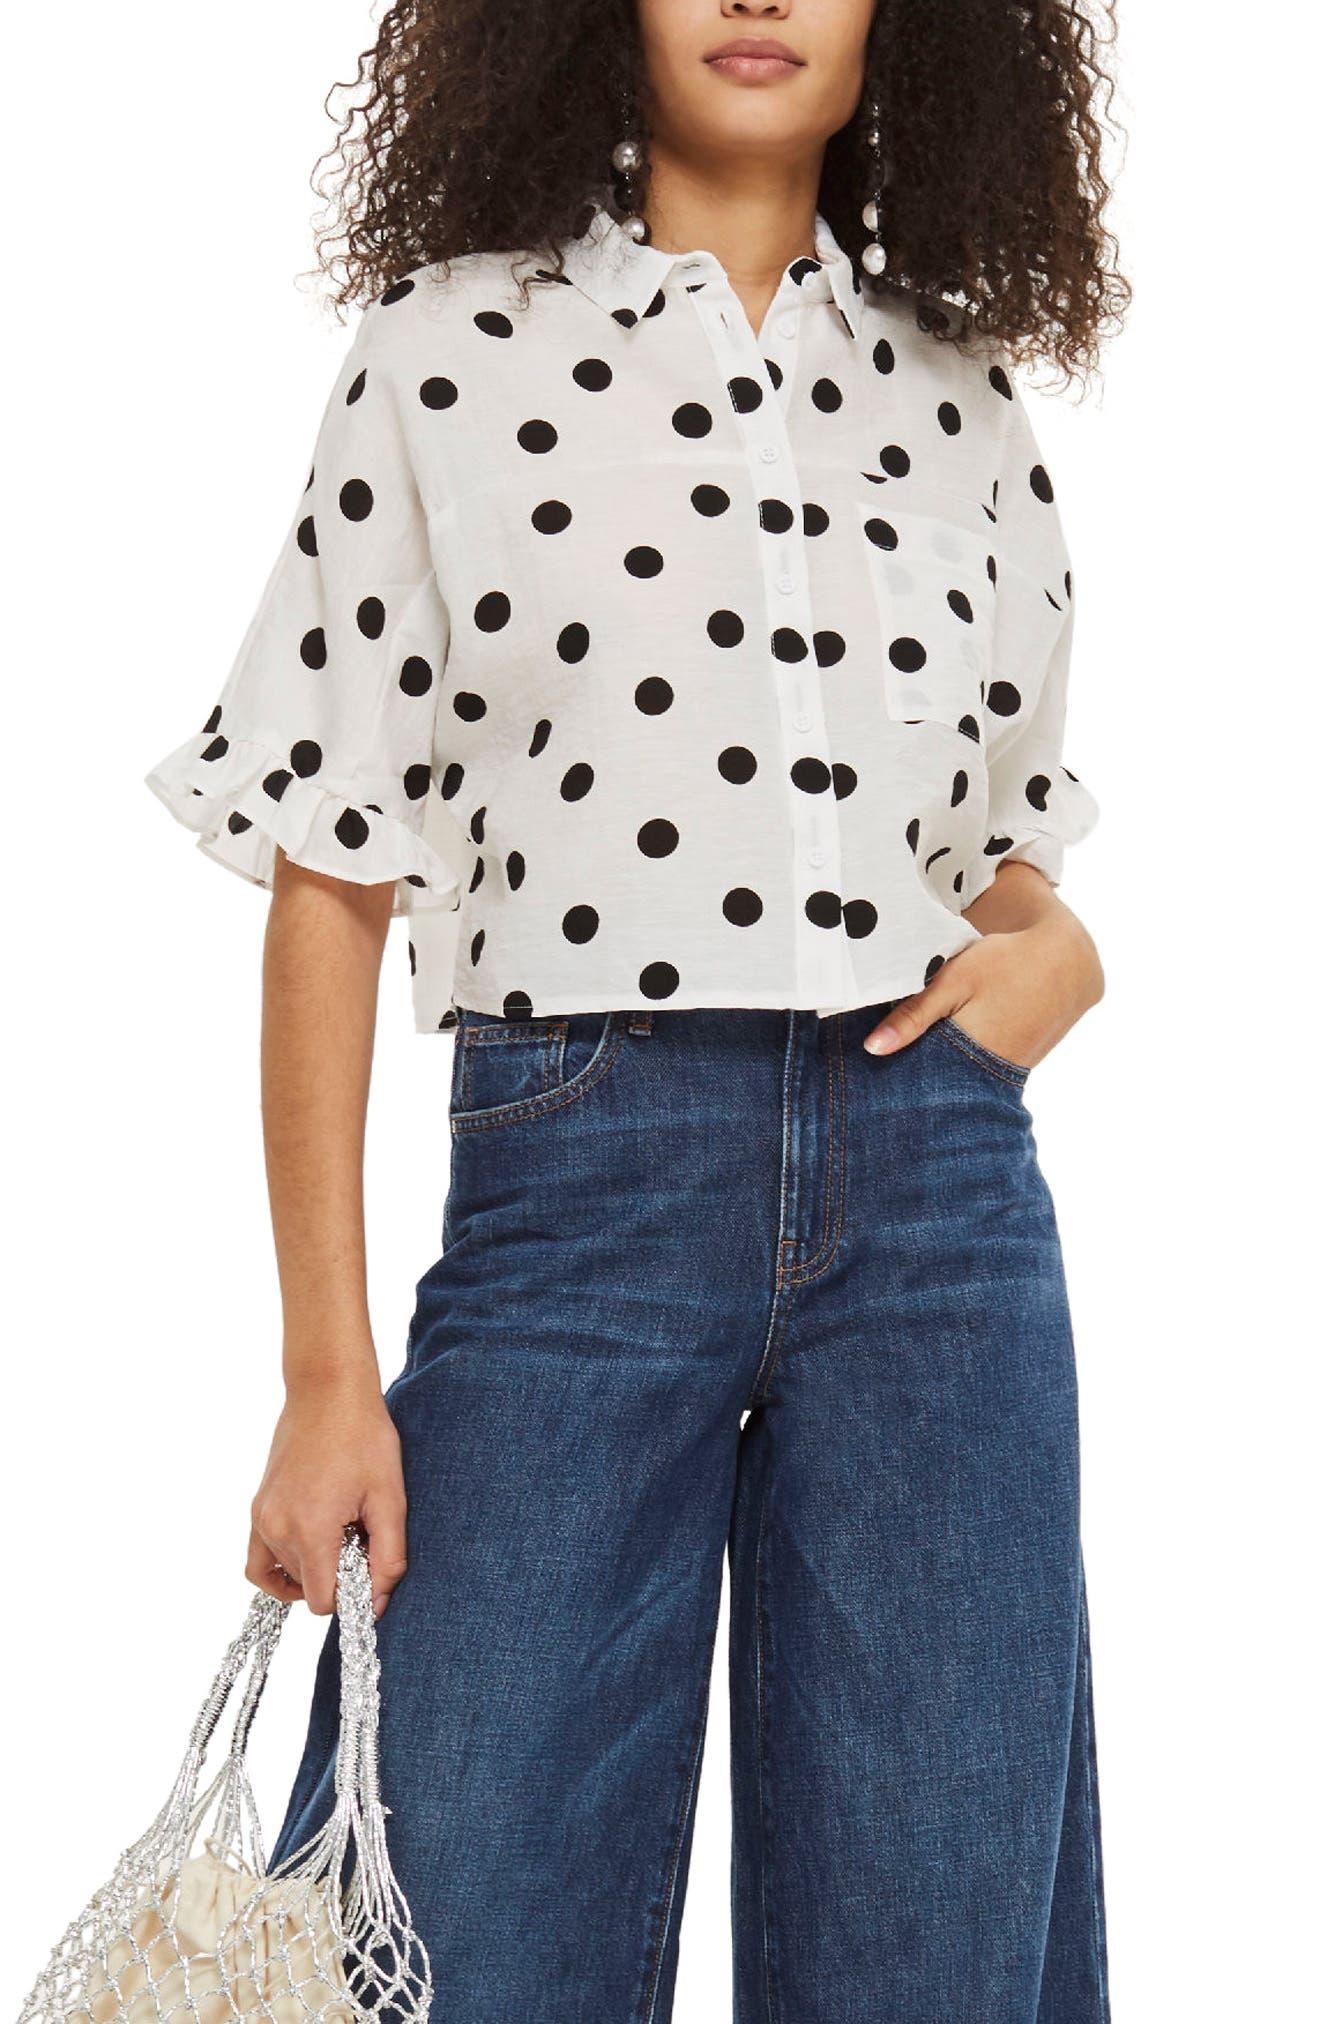 Topshop Fifi Frill Spot Shirt